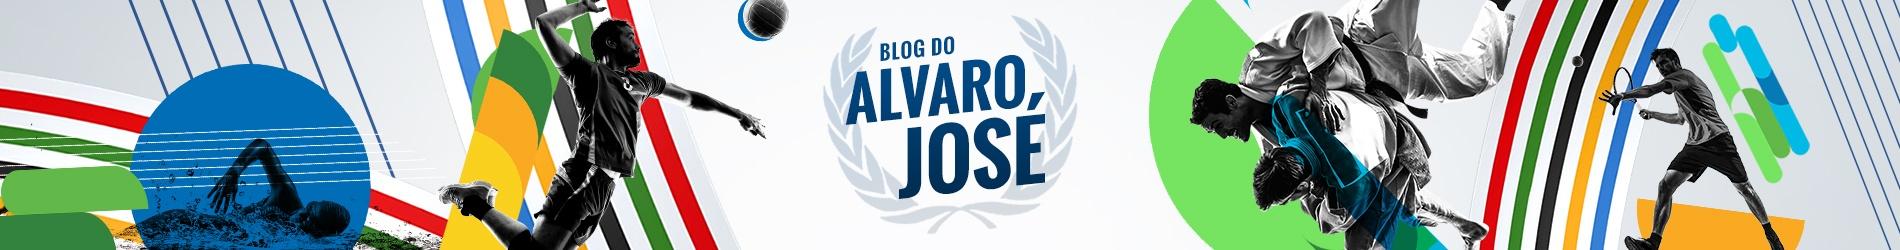 Topo_Blog_Jose_Alvaro